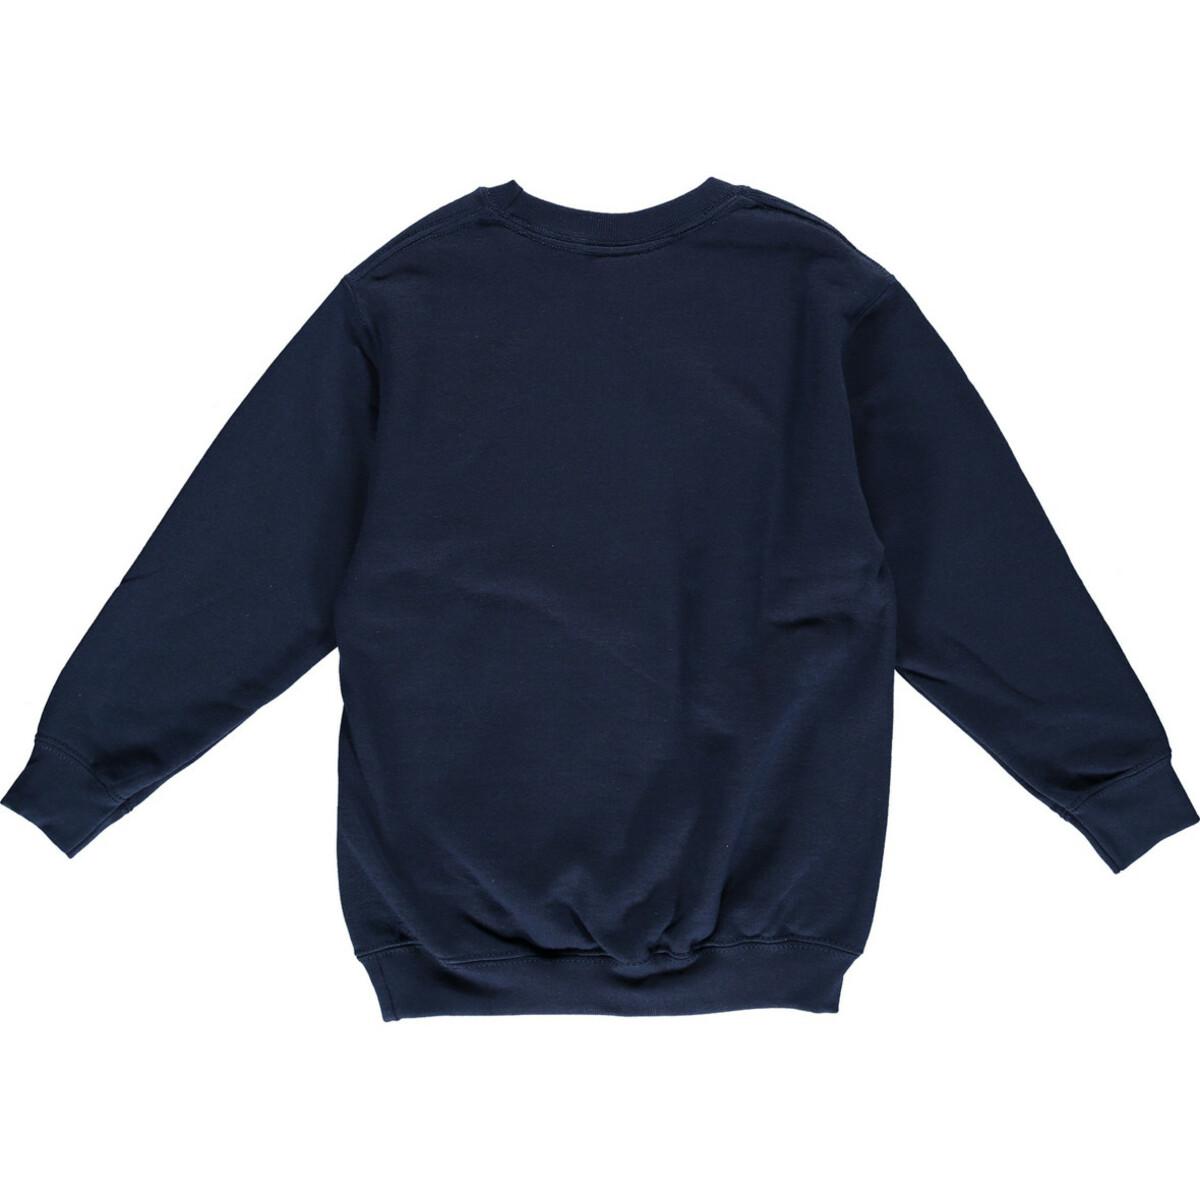 Bild 2 von Kinder Basic-Sweatshirt